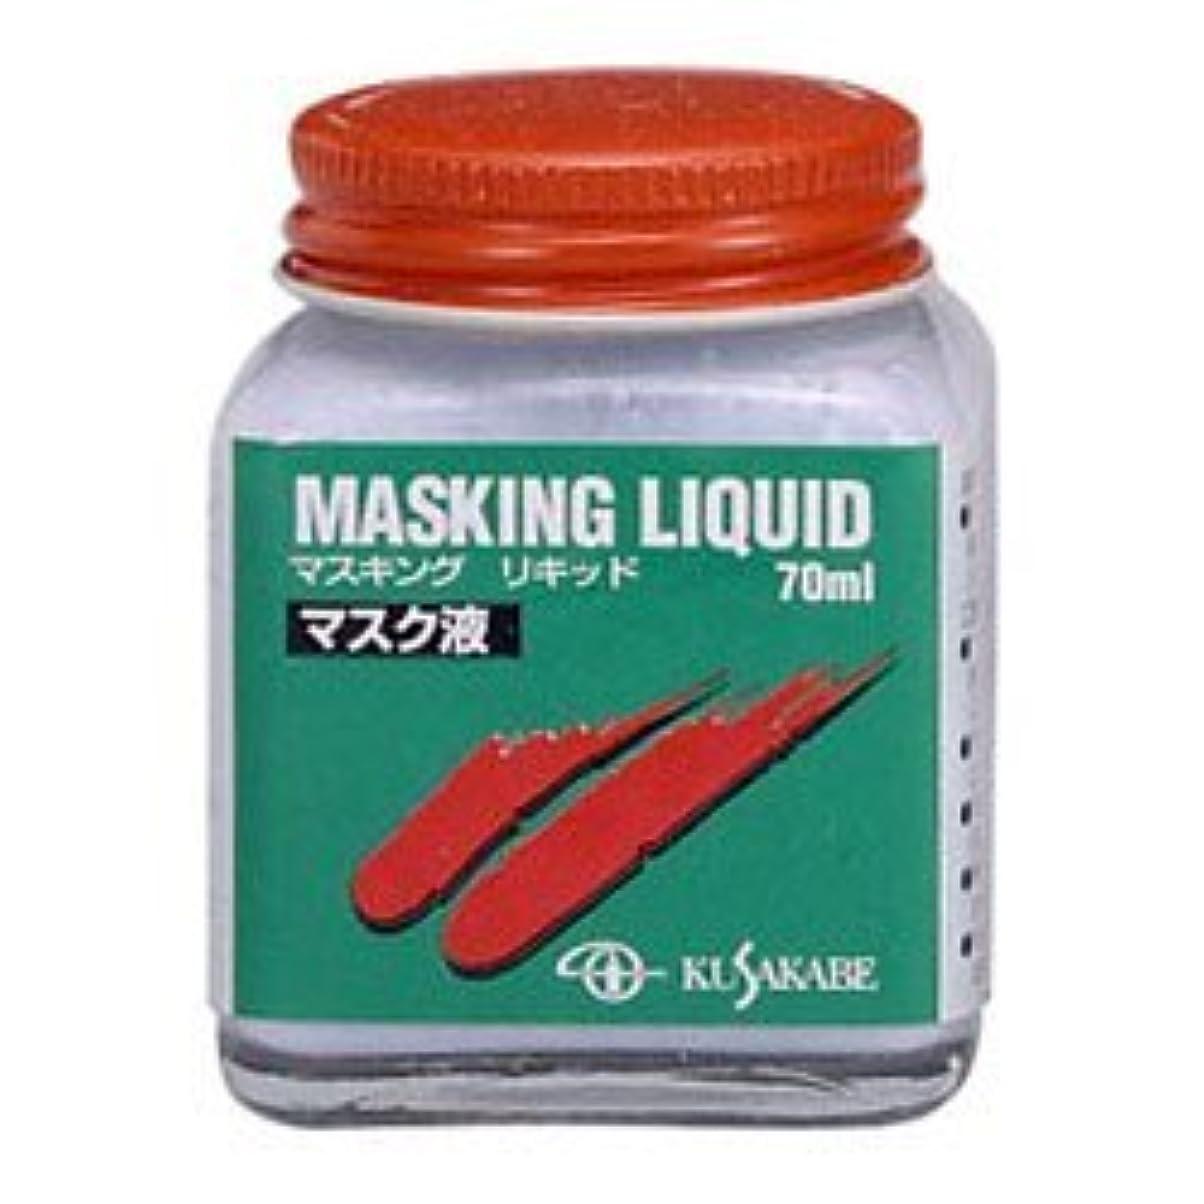 淡い振る舞い頭痛クサカベ マスク液 70ml